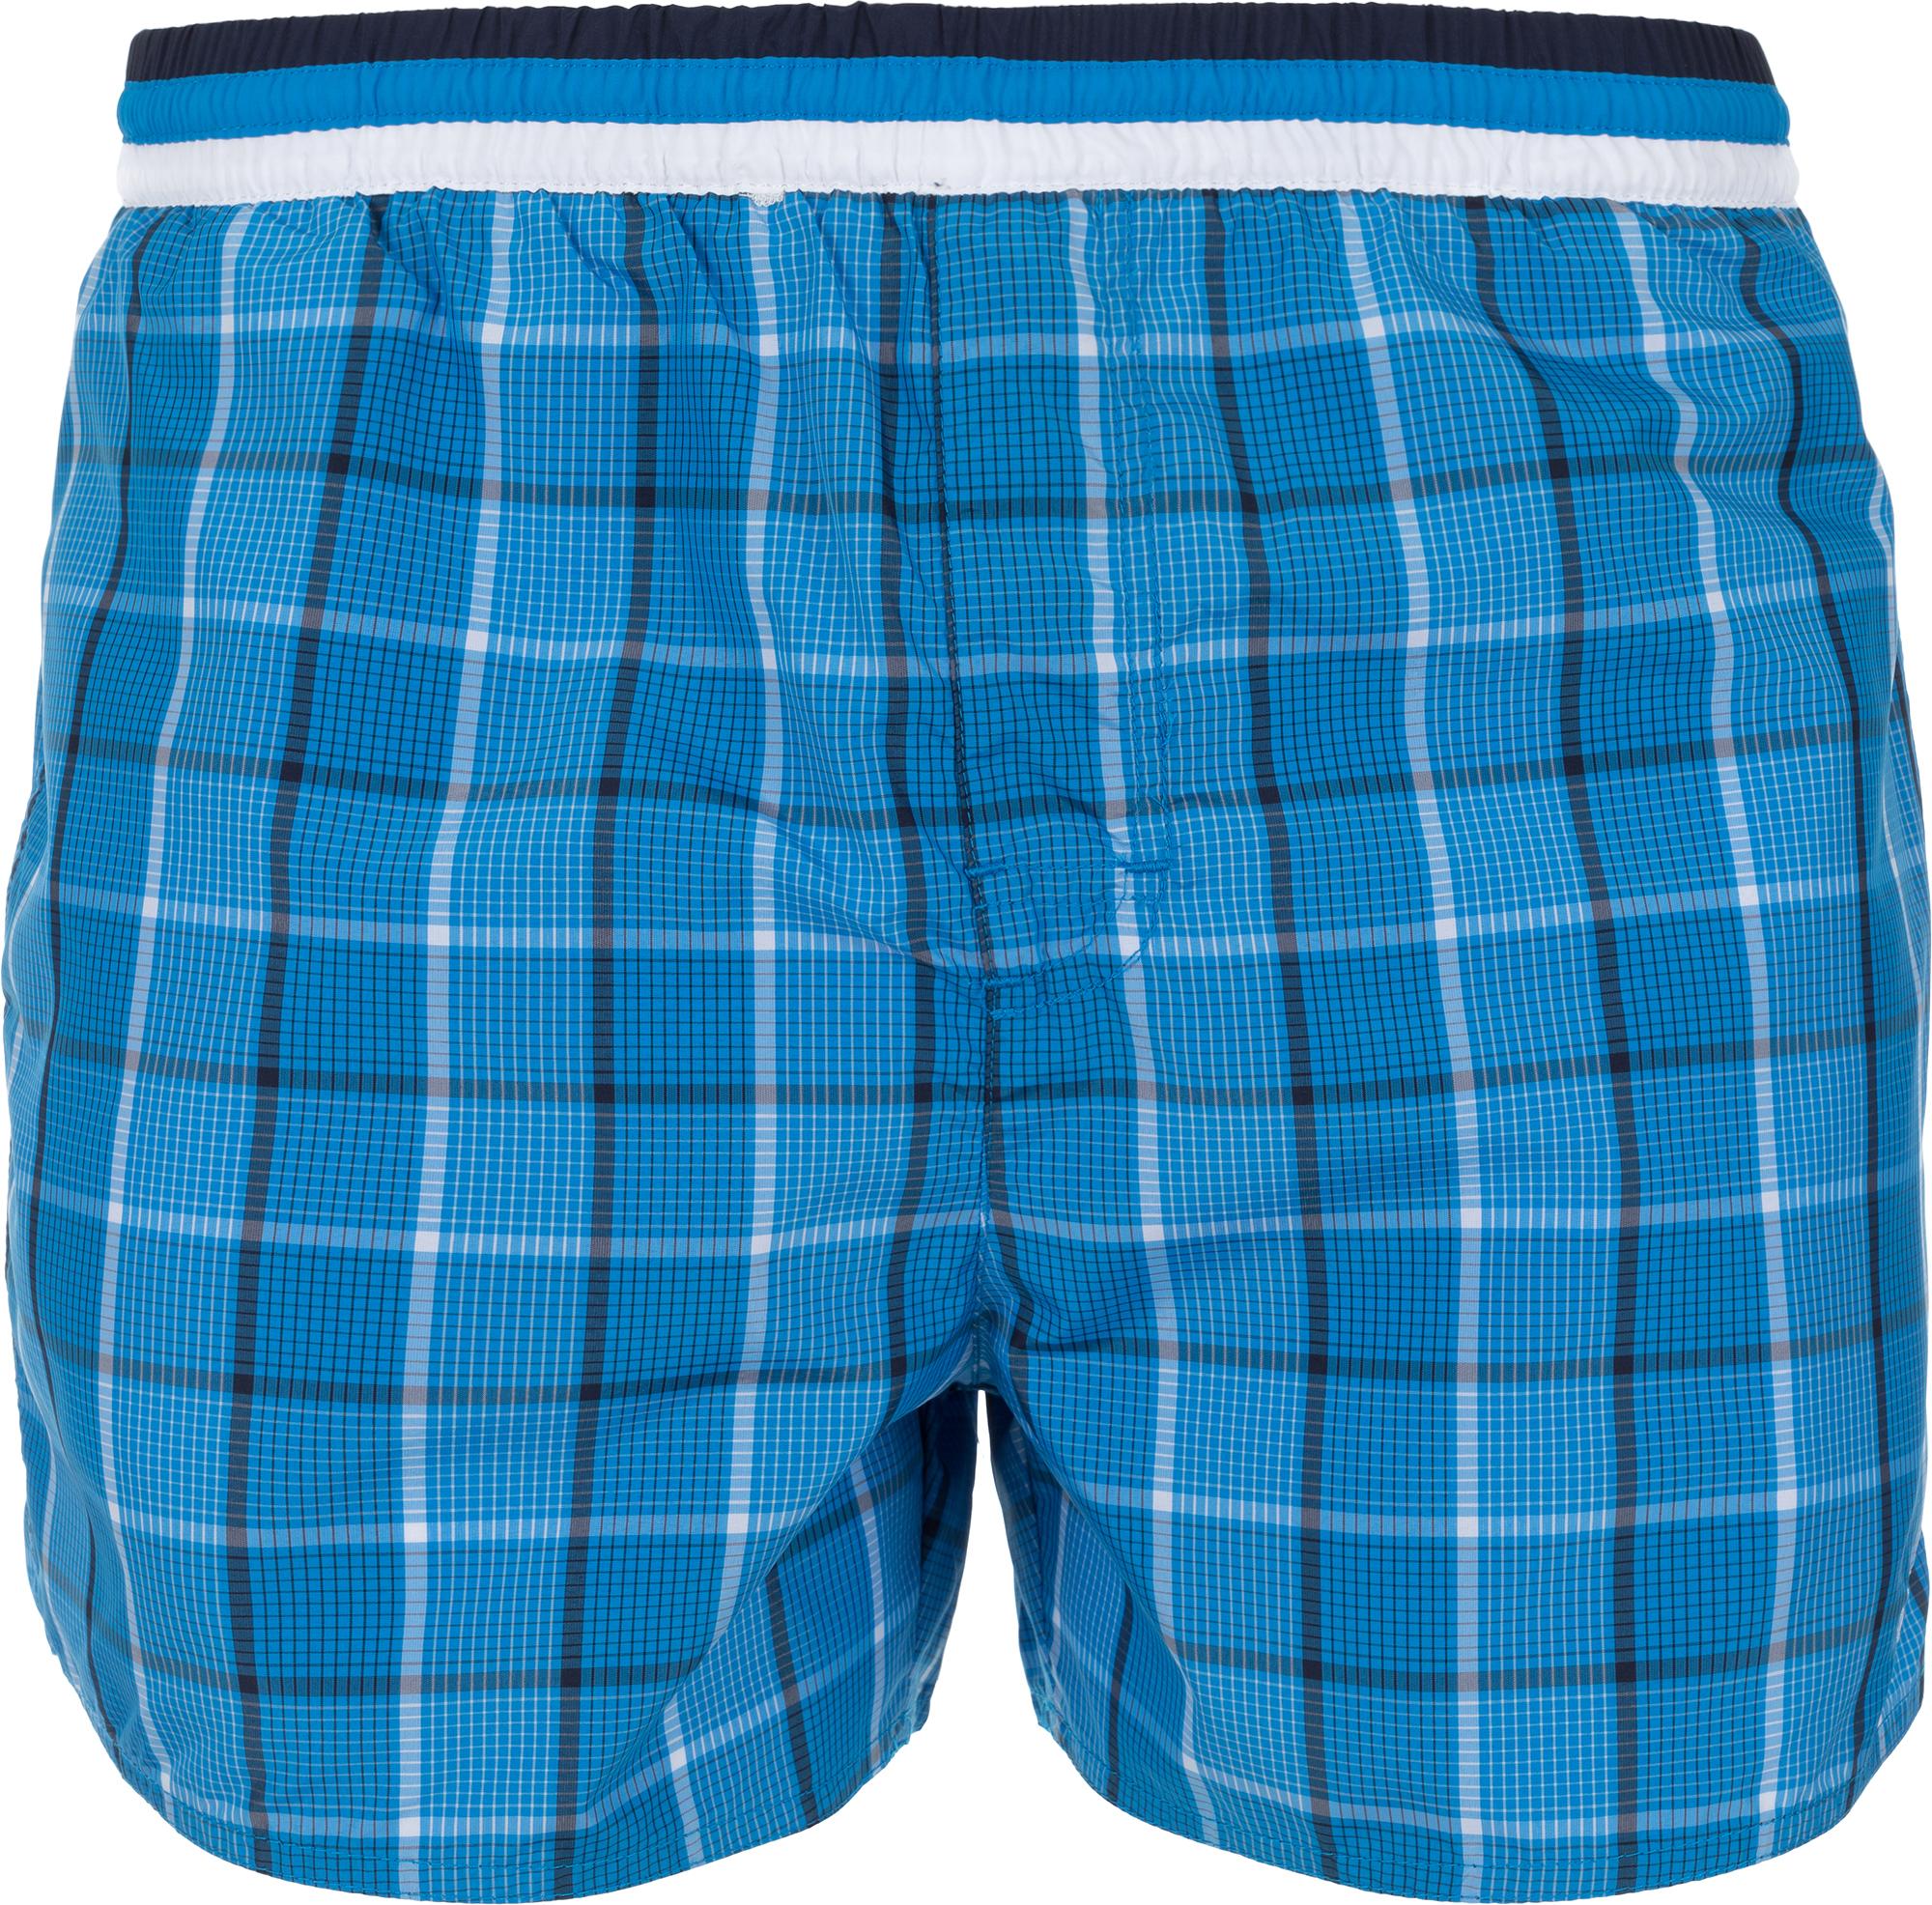 Fila Шорты плавательные мужские Fila, размер 50 fila плавки шорты мужские fila размер 54